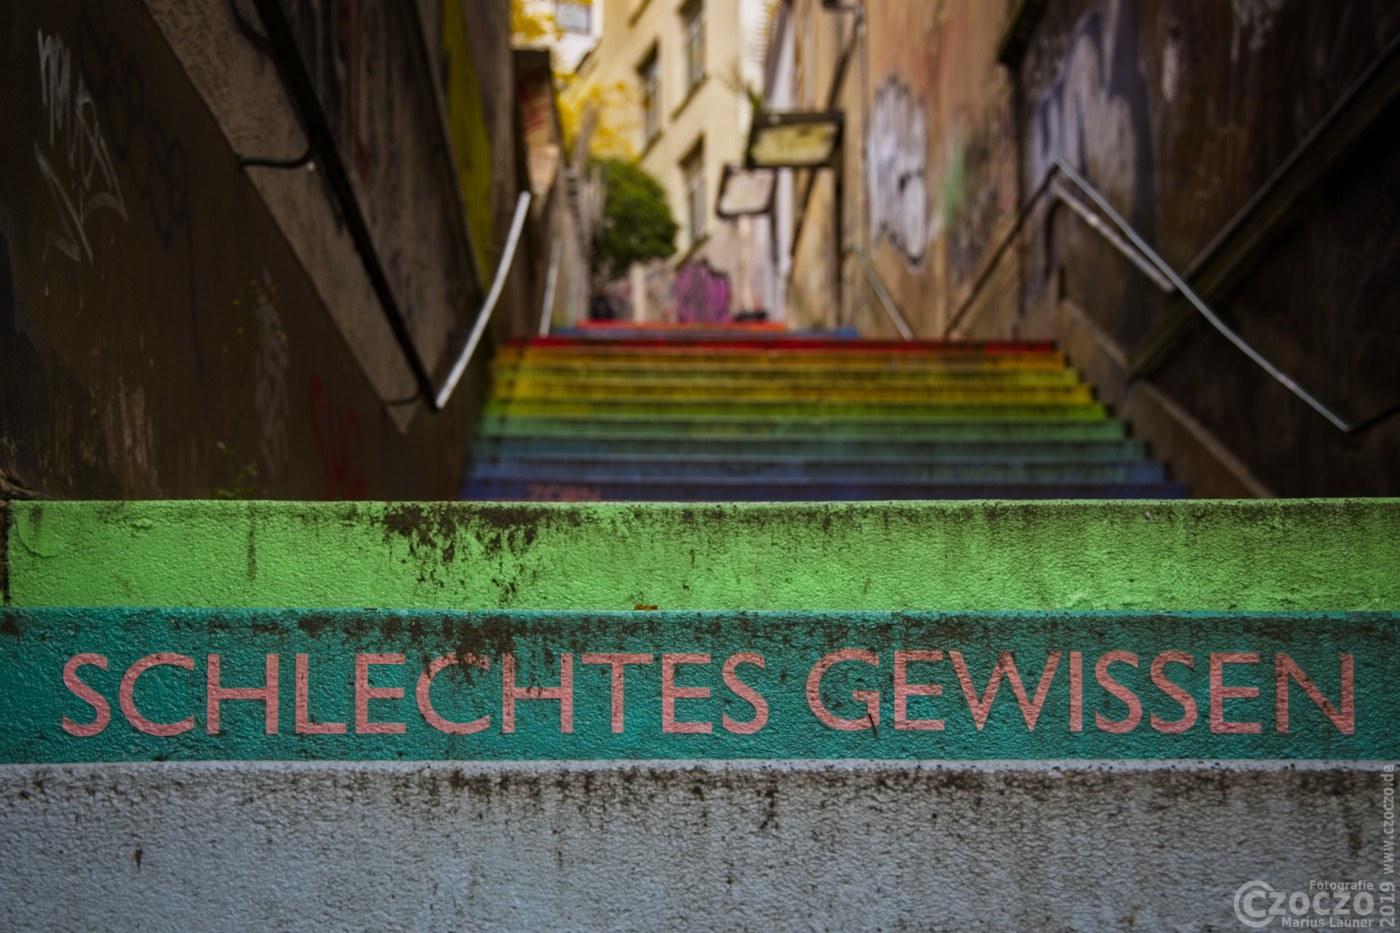 20191117-Schlechtes-Gewissen-9A1A3507